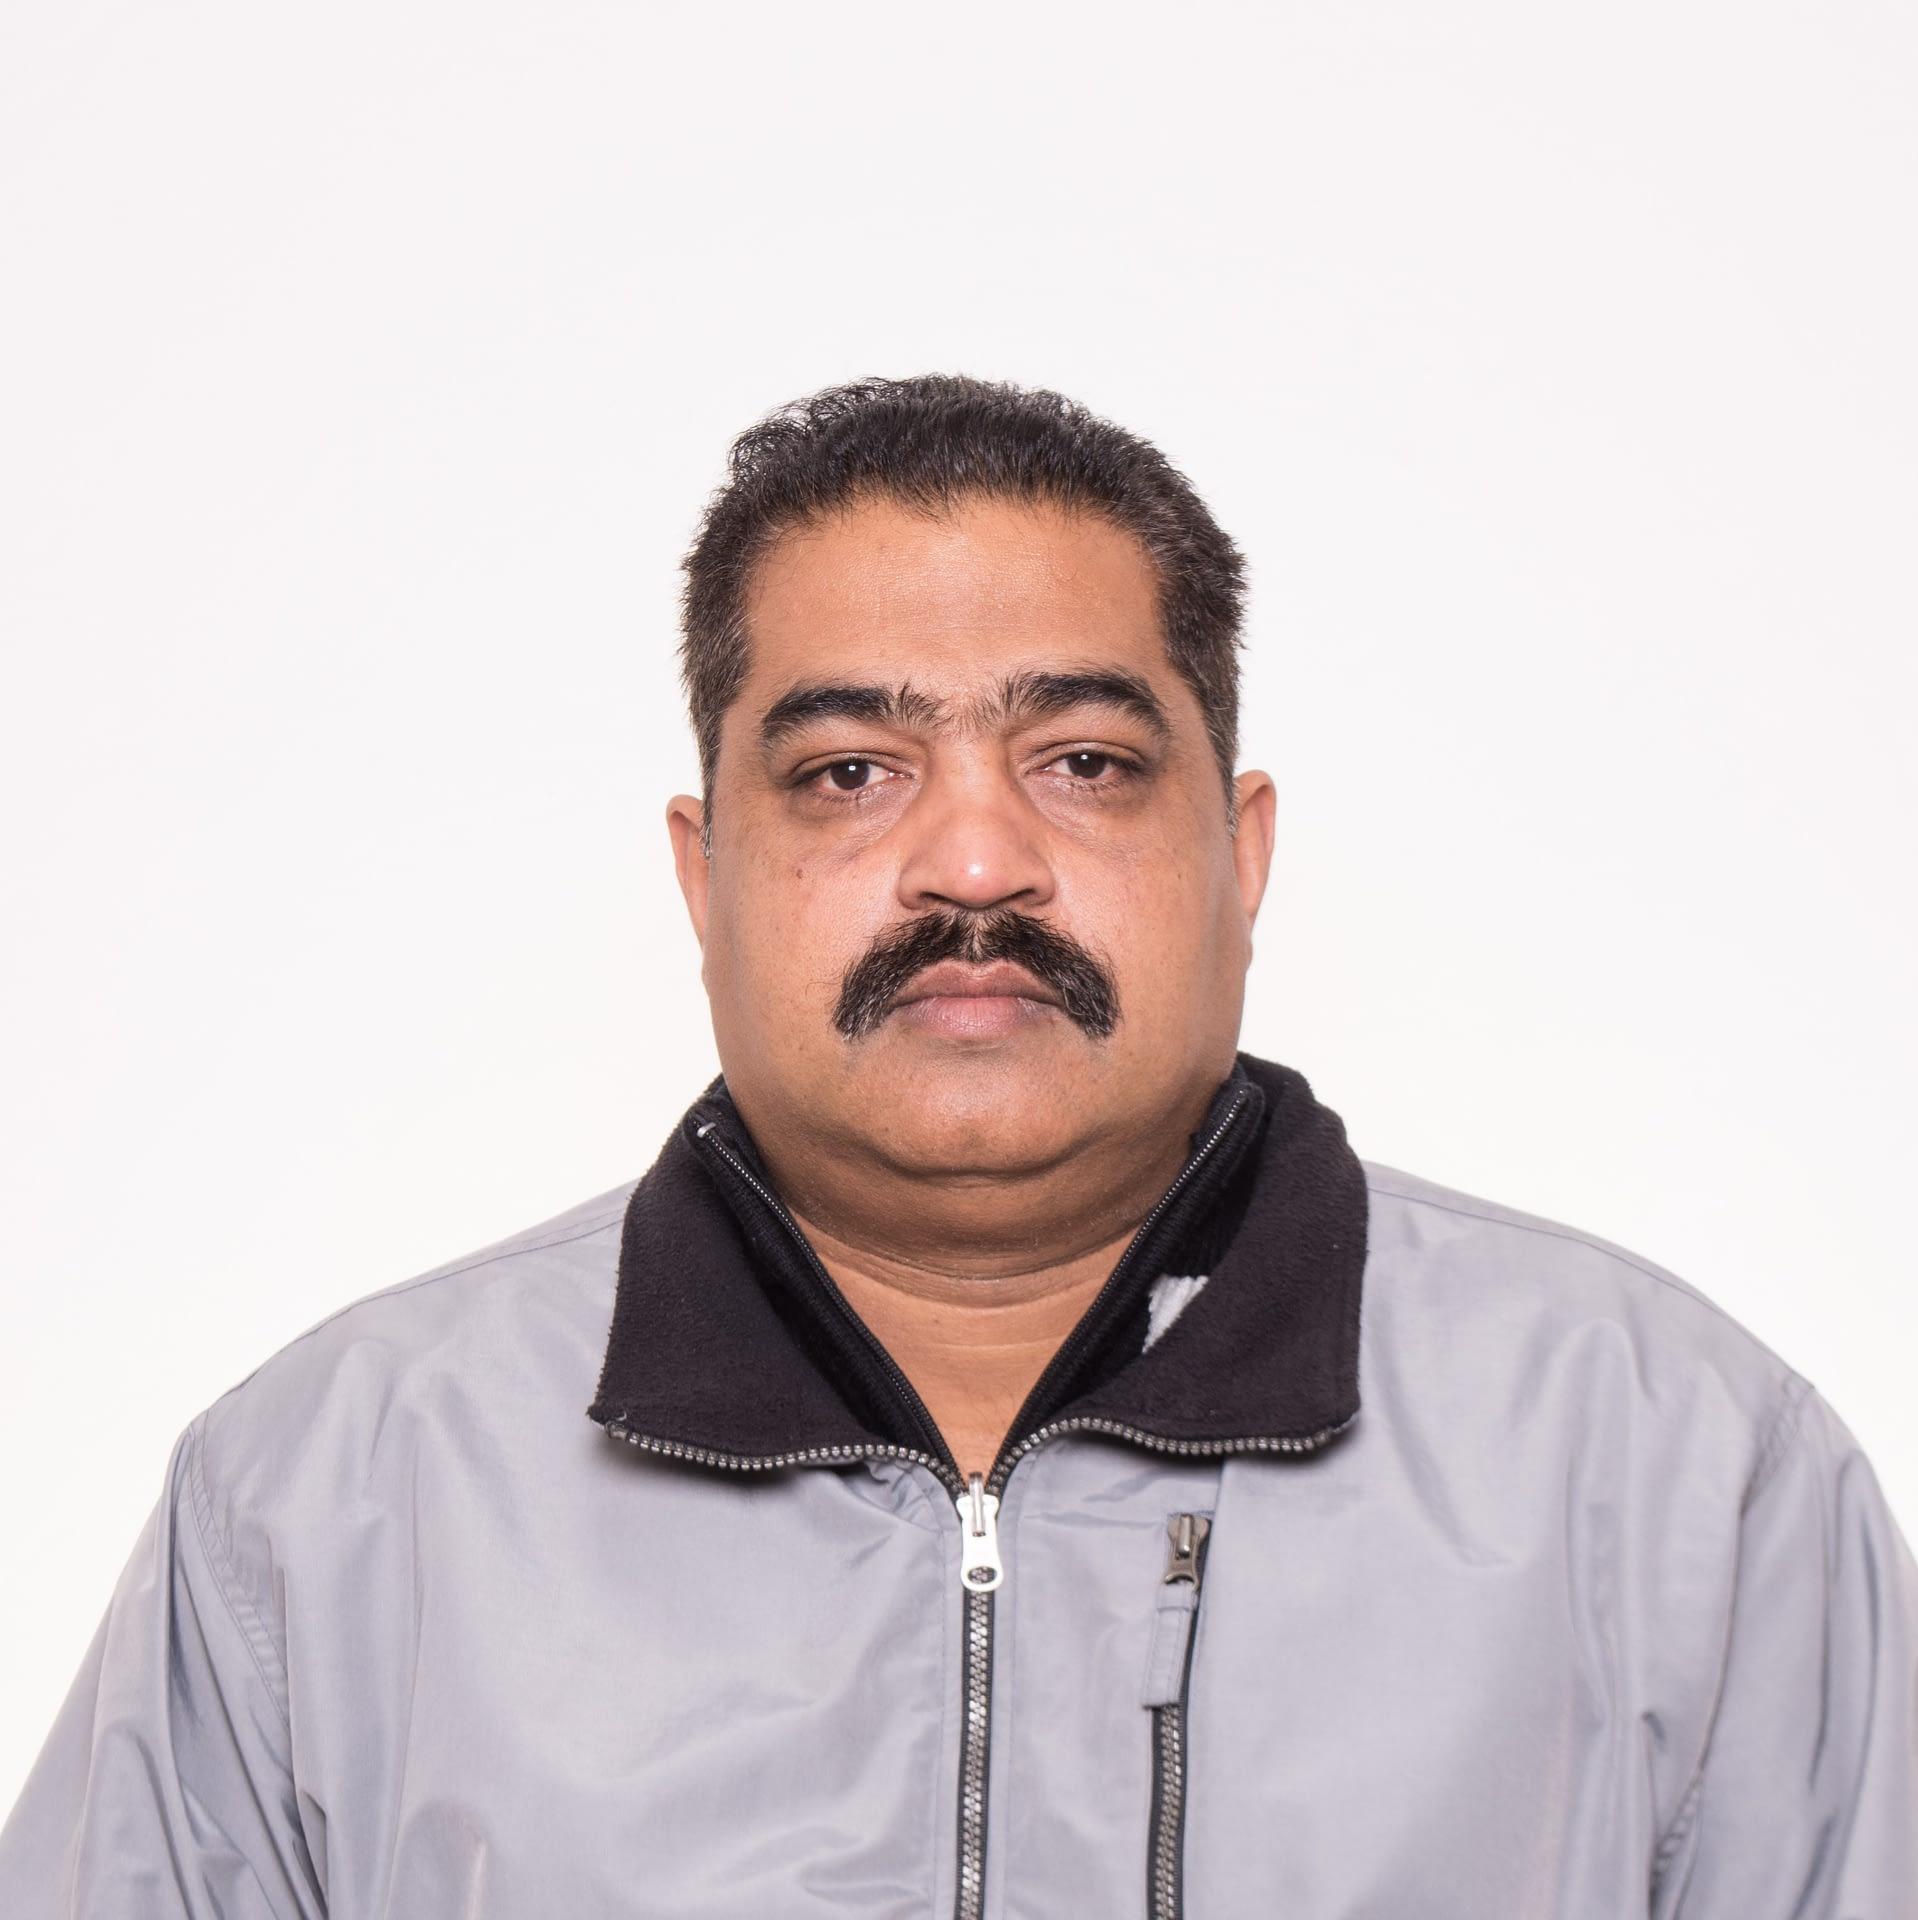 Profile image for Pawan Kumar Singh